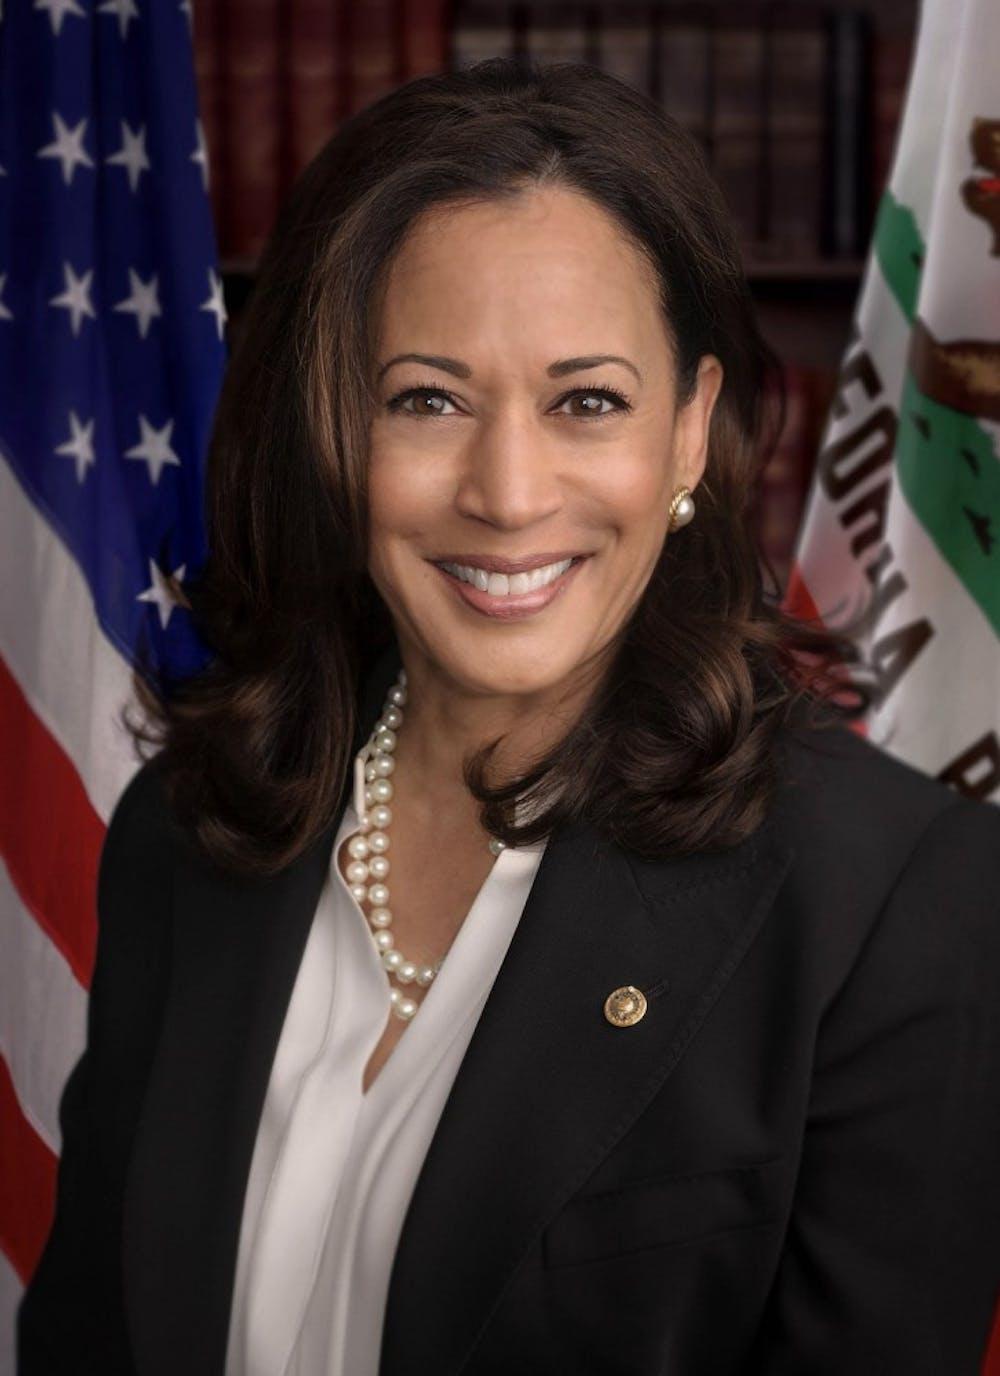 1024px-senator-harris-official-senate-portrait